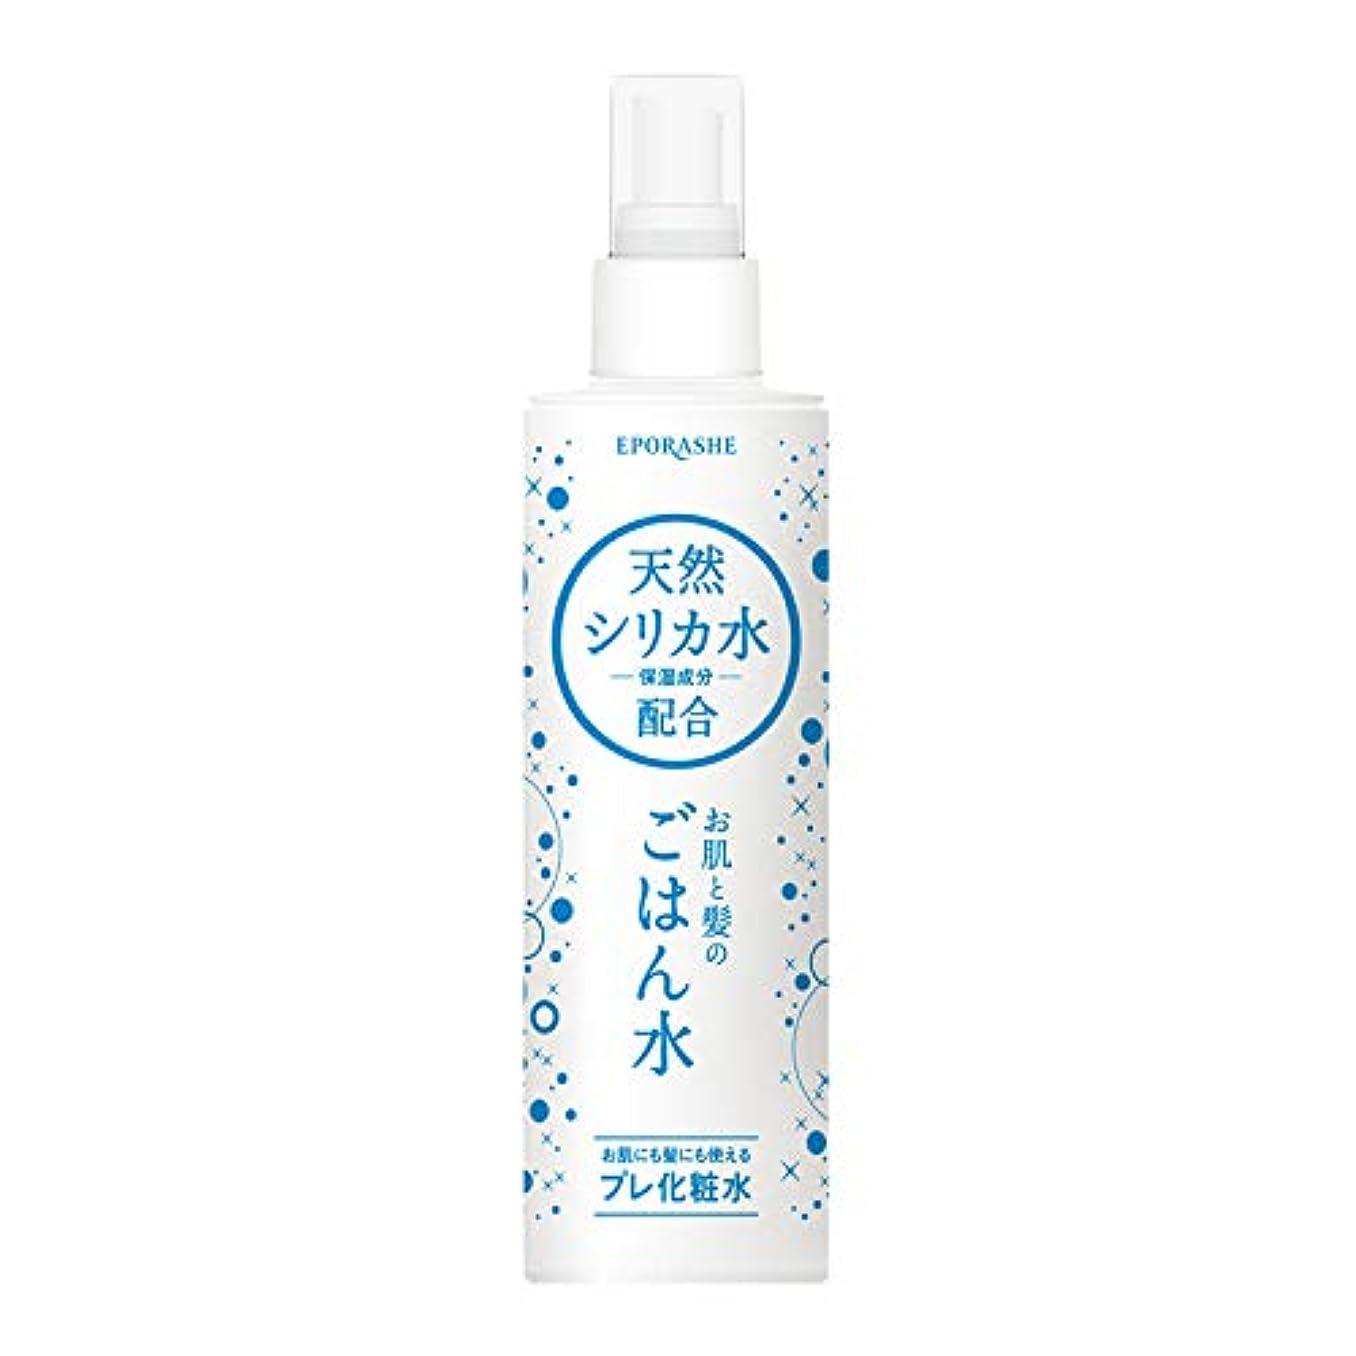 ばか代わってぼかすEPORASHE お肌と髪のごはん水 ケイ素(天然シリカ)のプレ化粧水